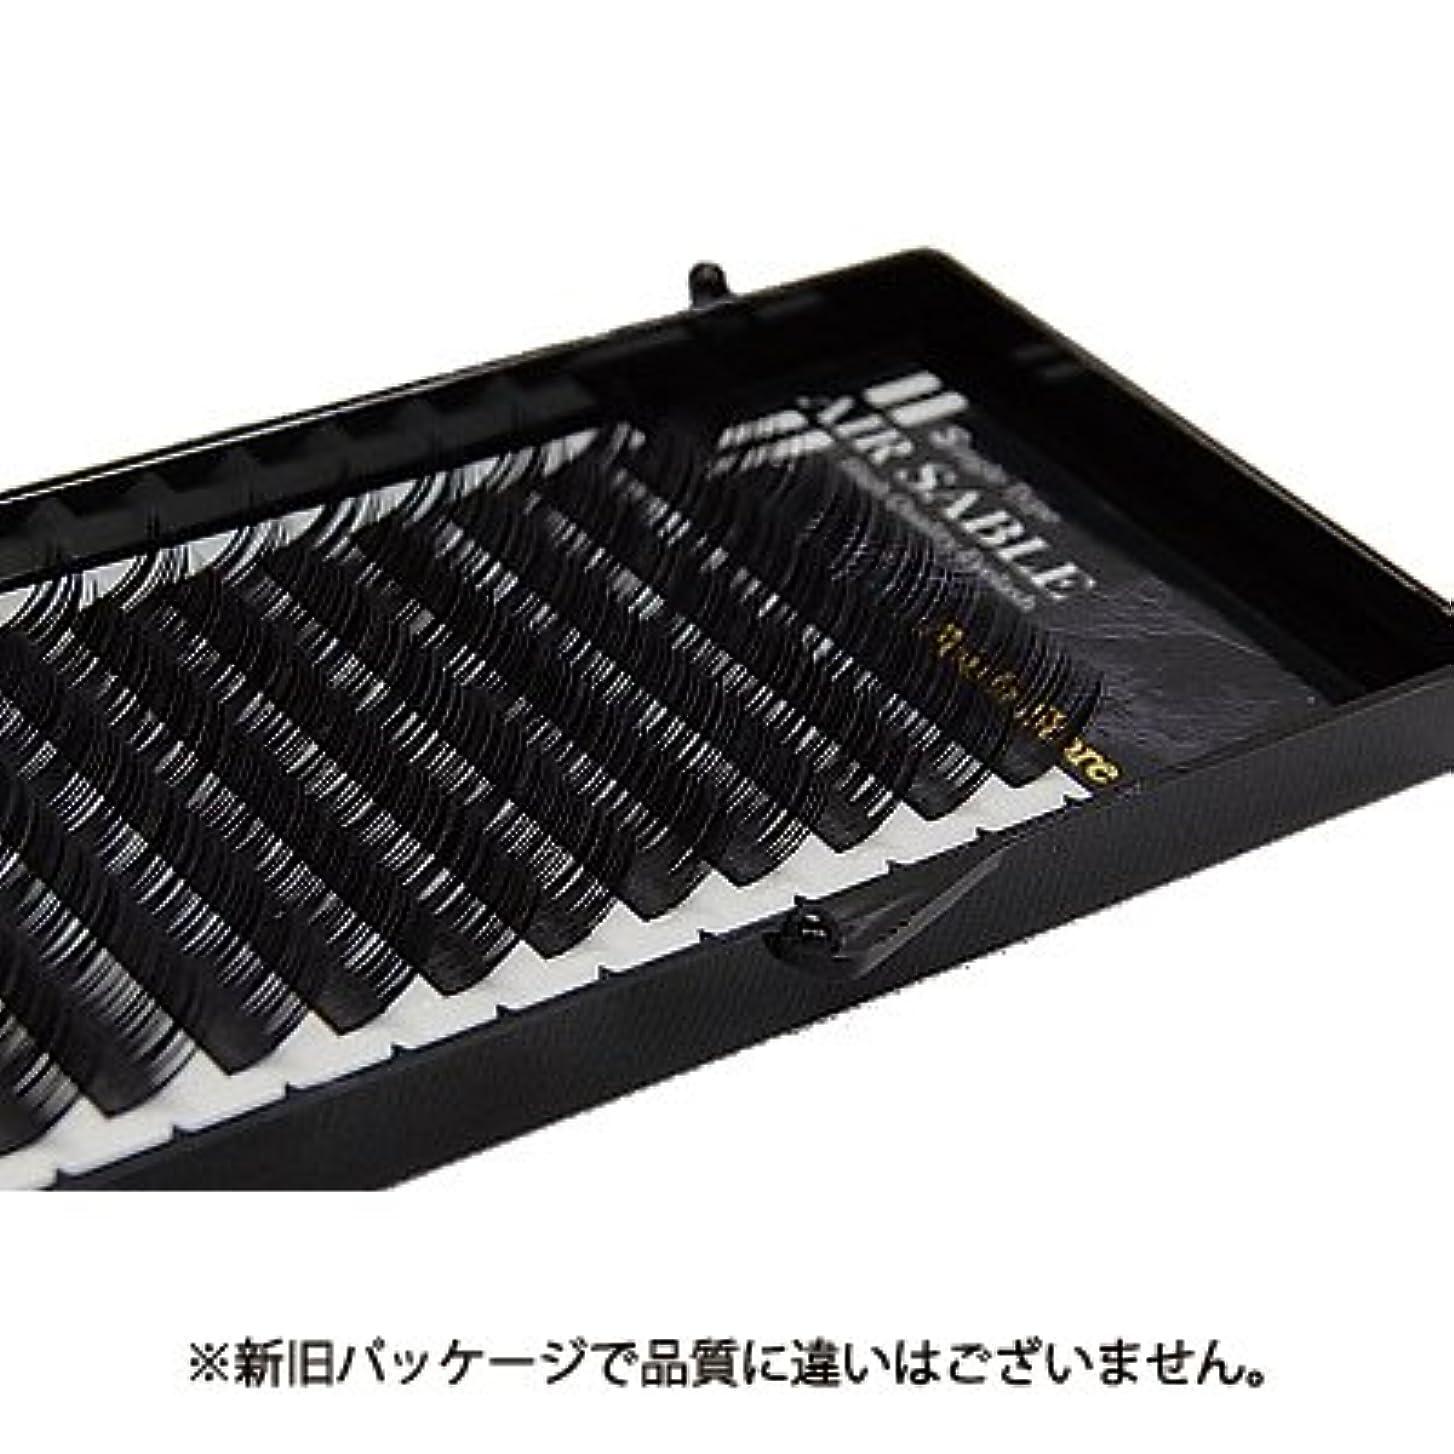 センサー発音流暢【フーラ】エアーセーブル シート 12列 Cカール 9mm×0.15mm